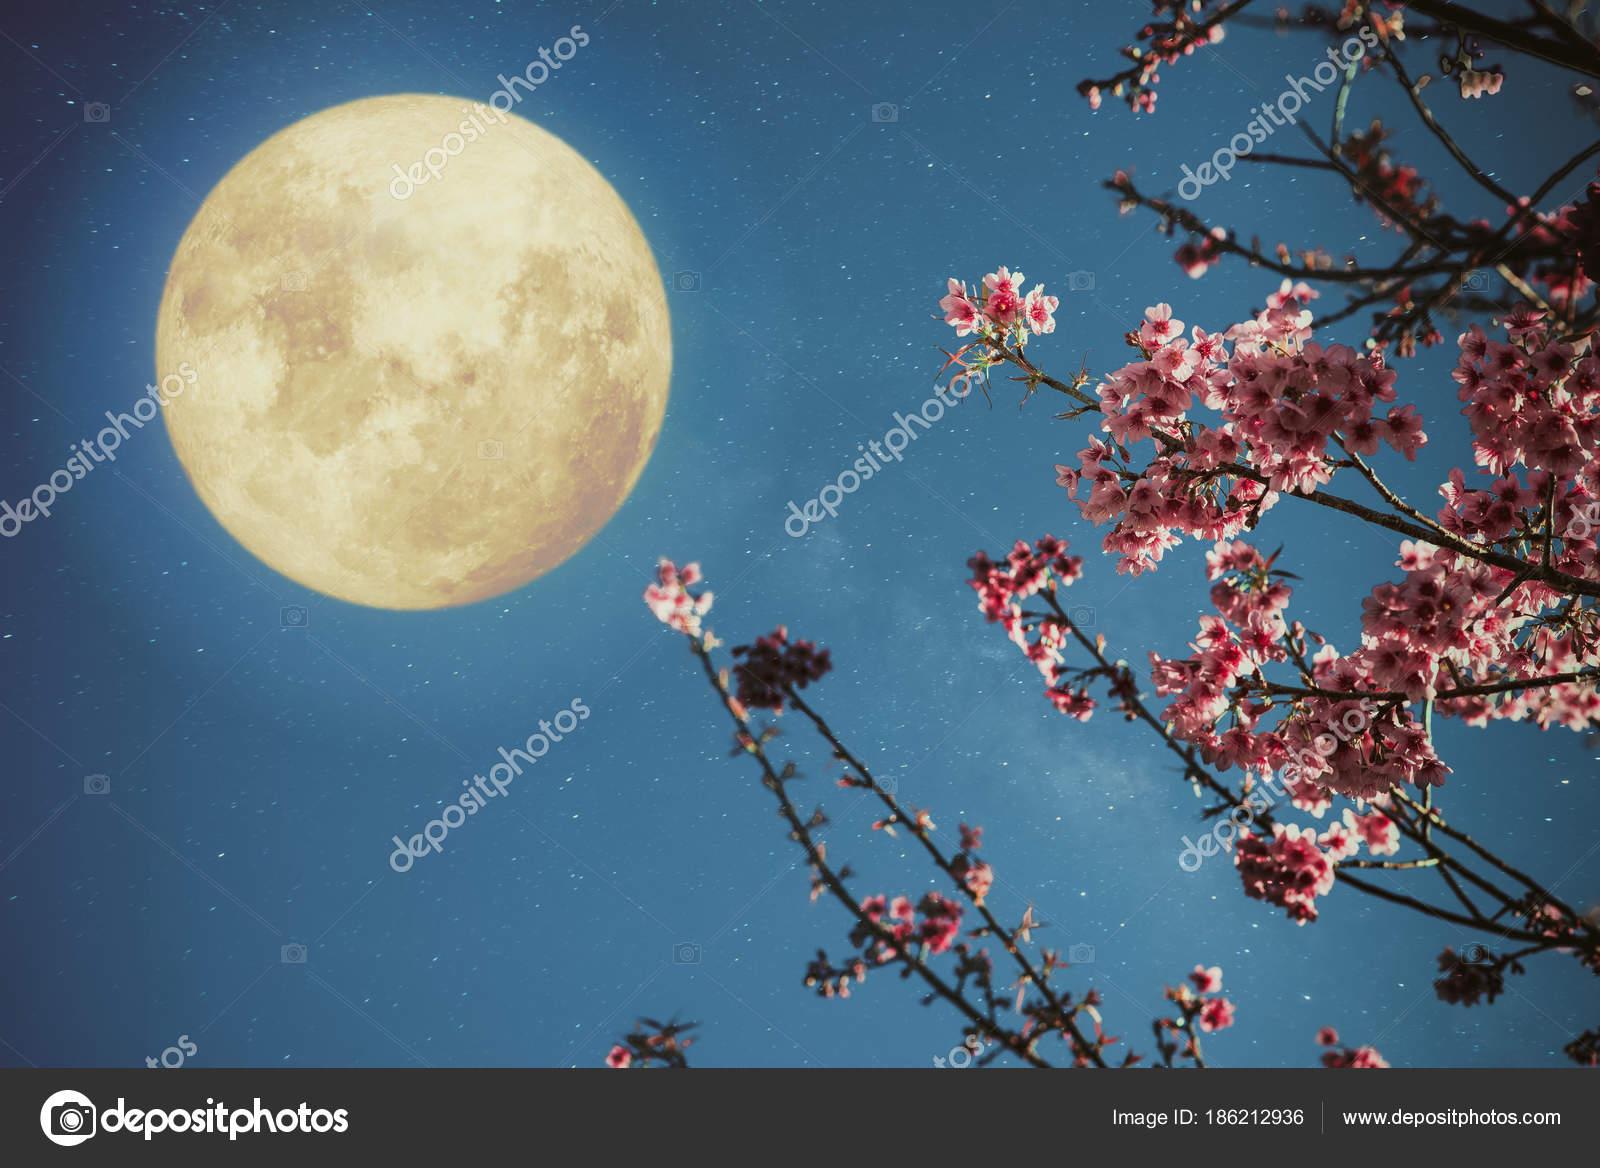 Romantic night scene beautiful cherry blossom sakura flowers night romantic night scene beautiful cherry blossom sakura flowers night skies stock photo izmirmasajfo